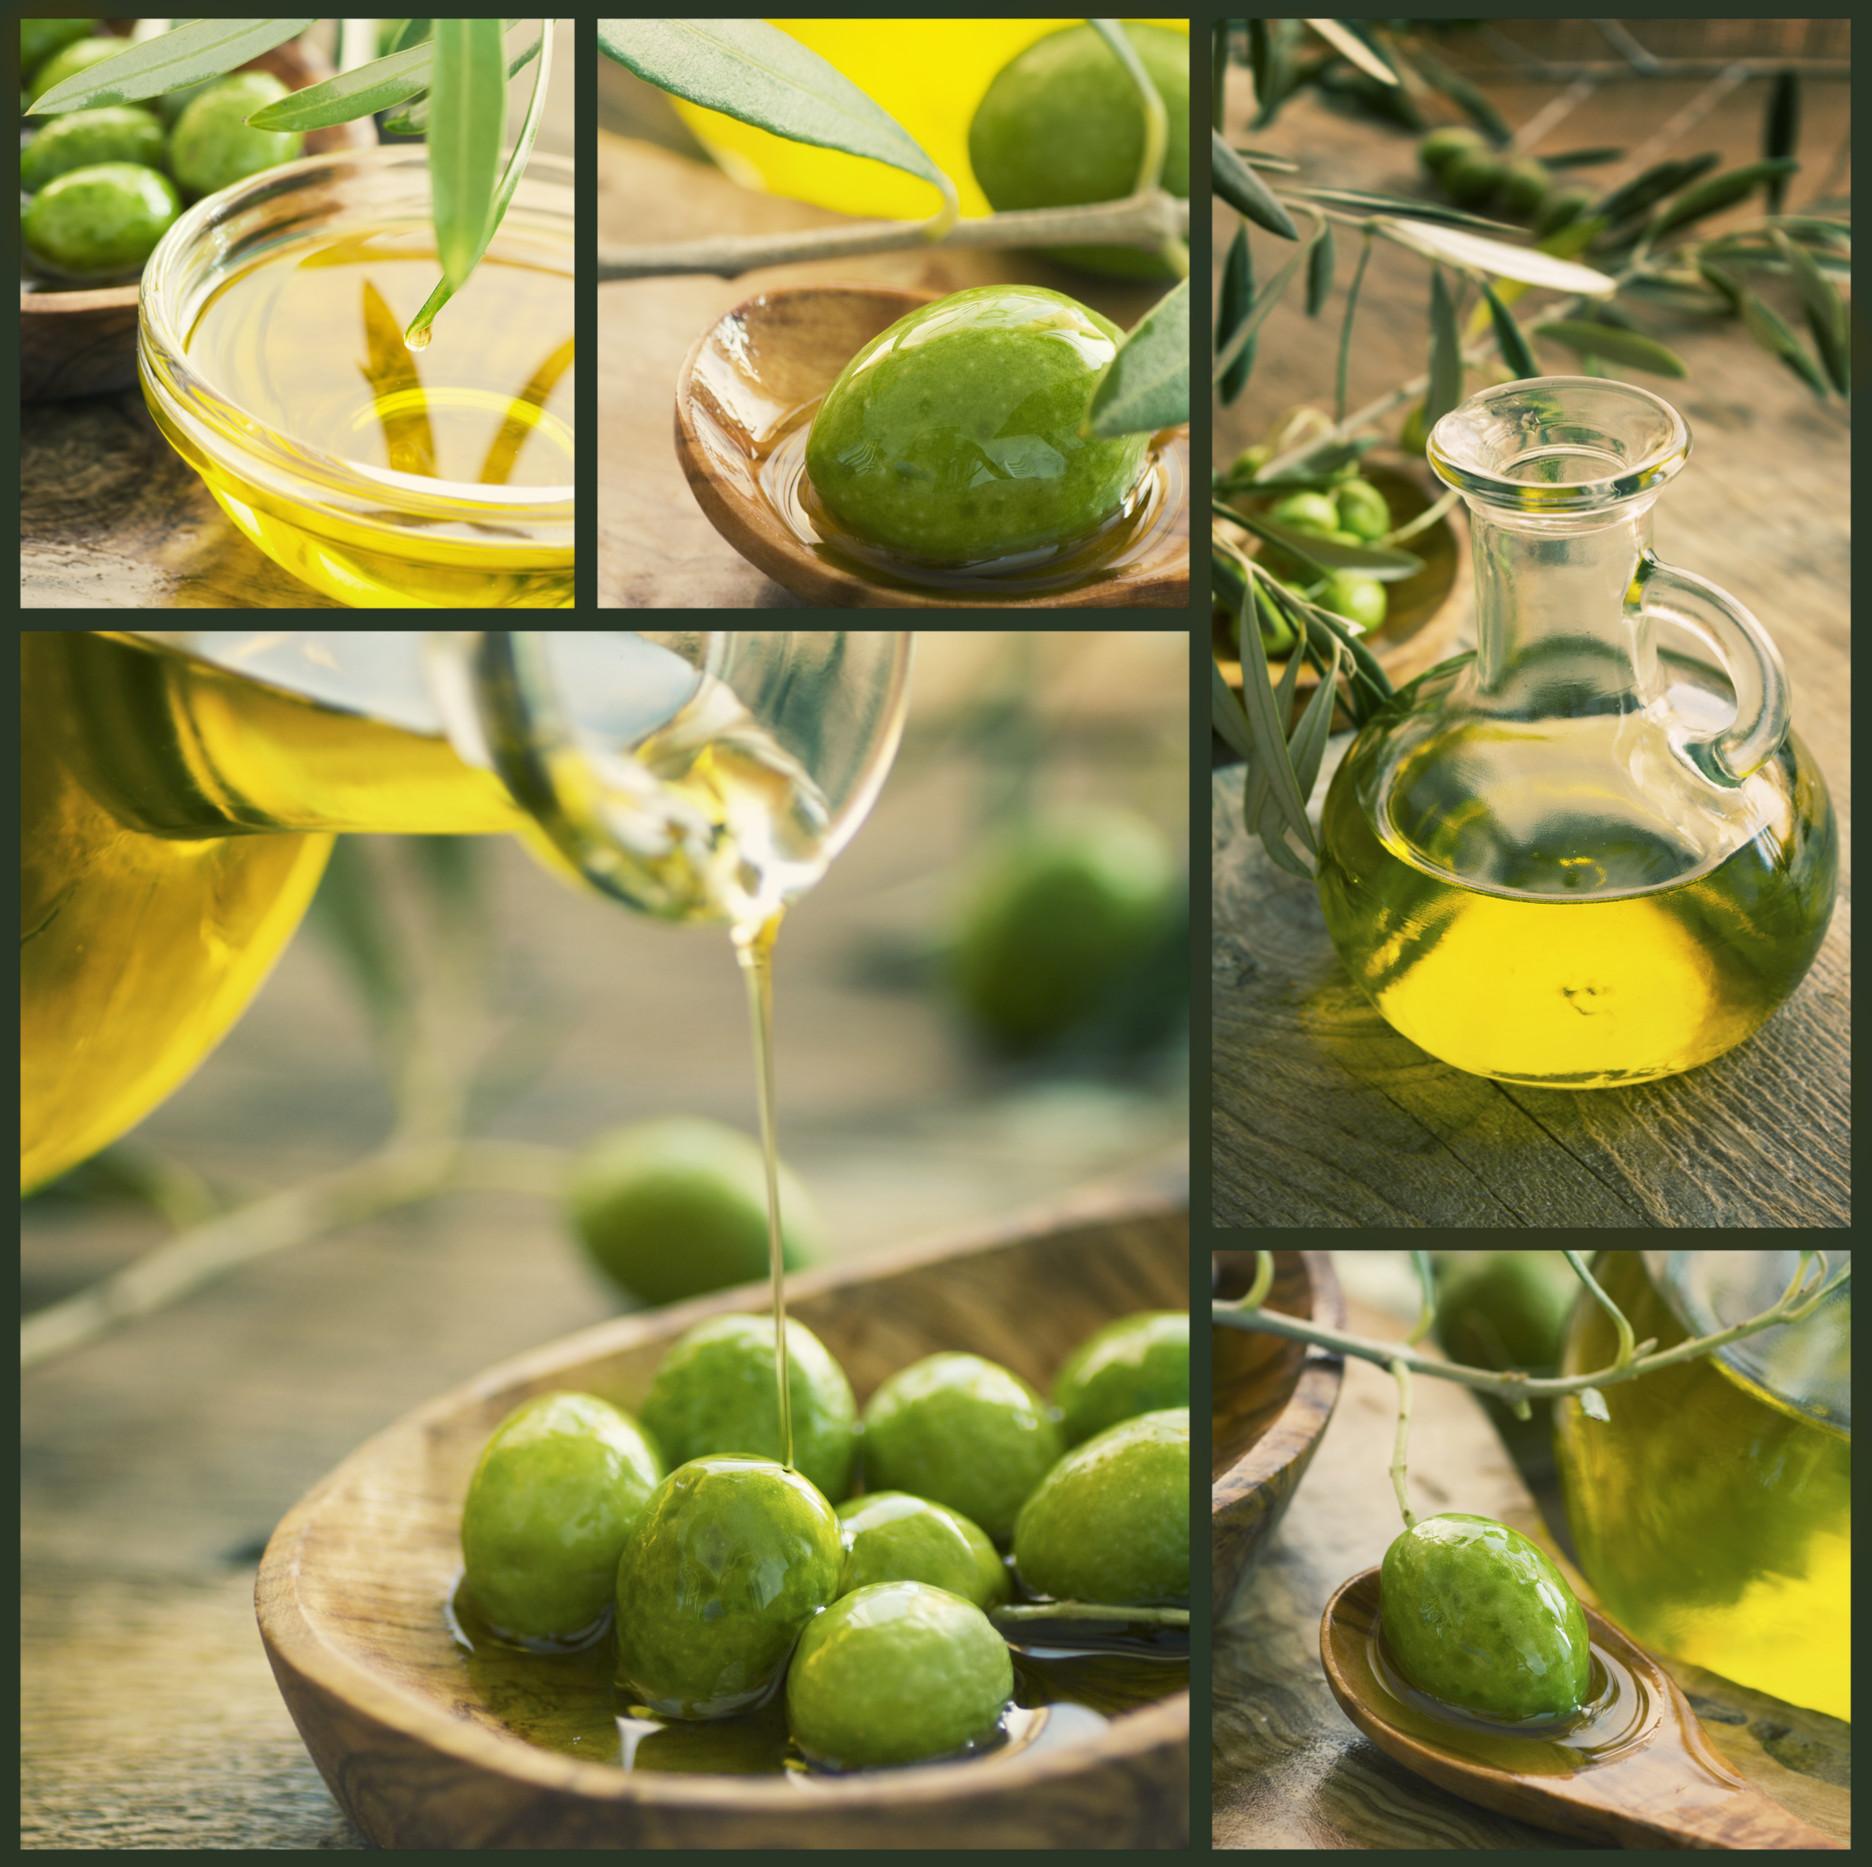 Food-Olive-Oil